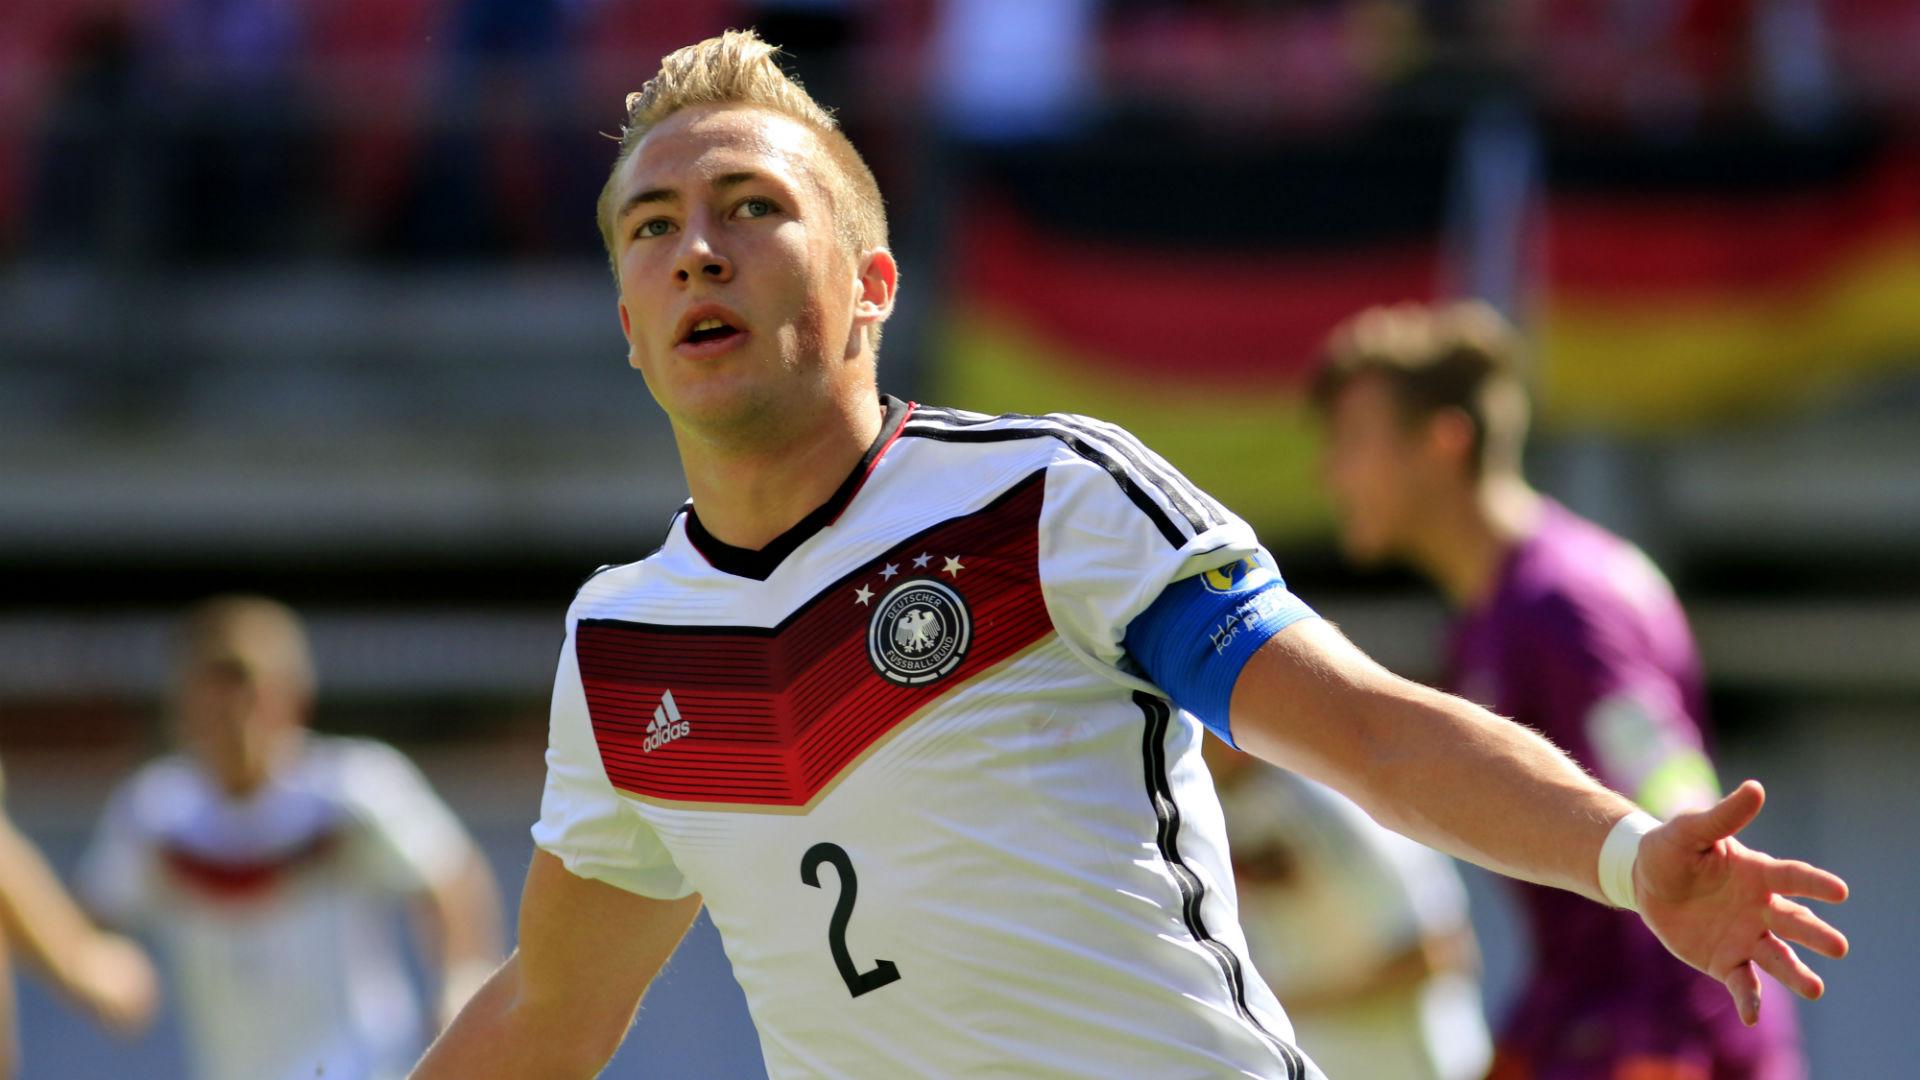 Felix Passlack - Germany U17